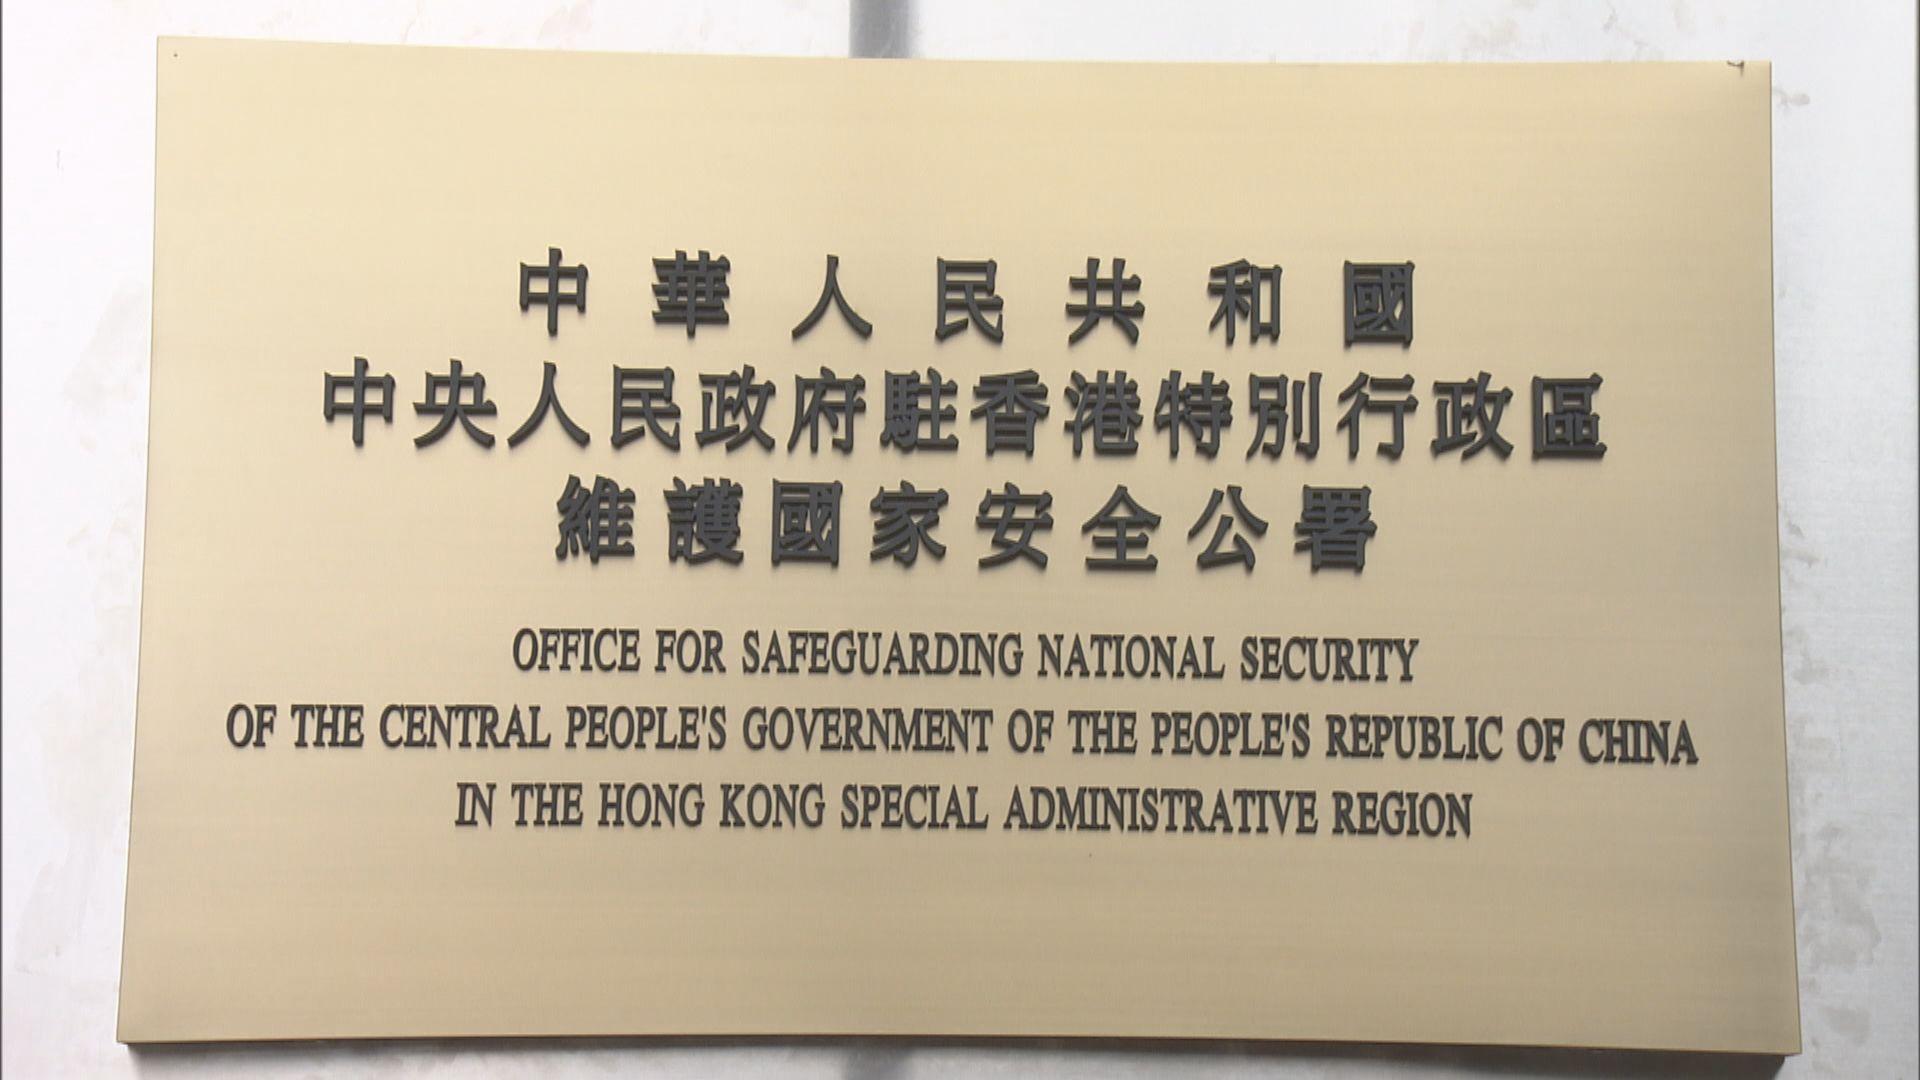 外交部駐港公署:就蘋果執法行動與新聞自由毫不相關